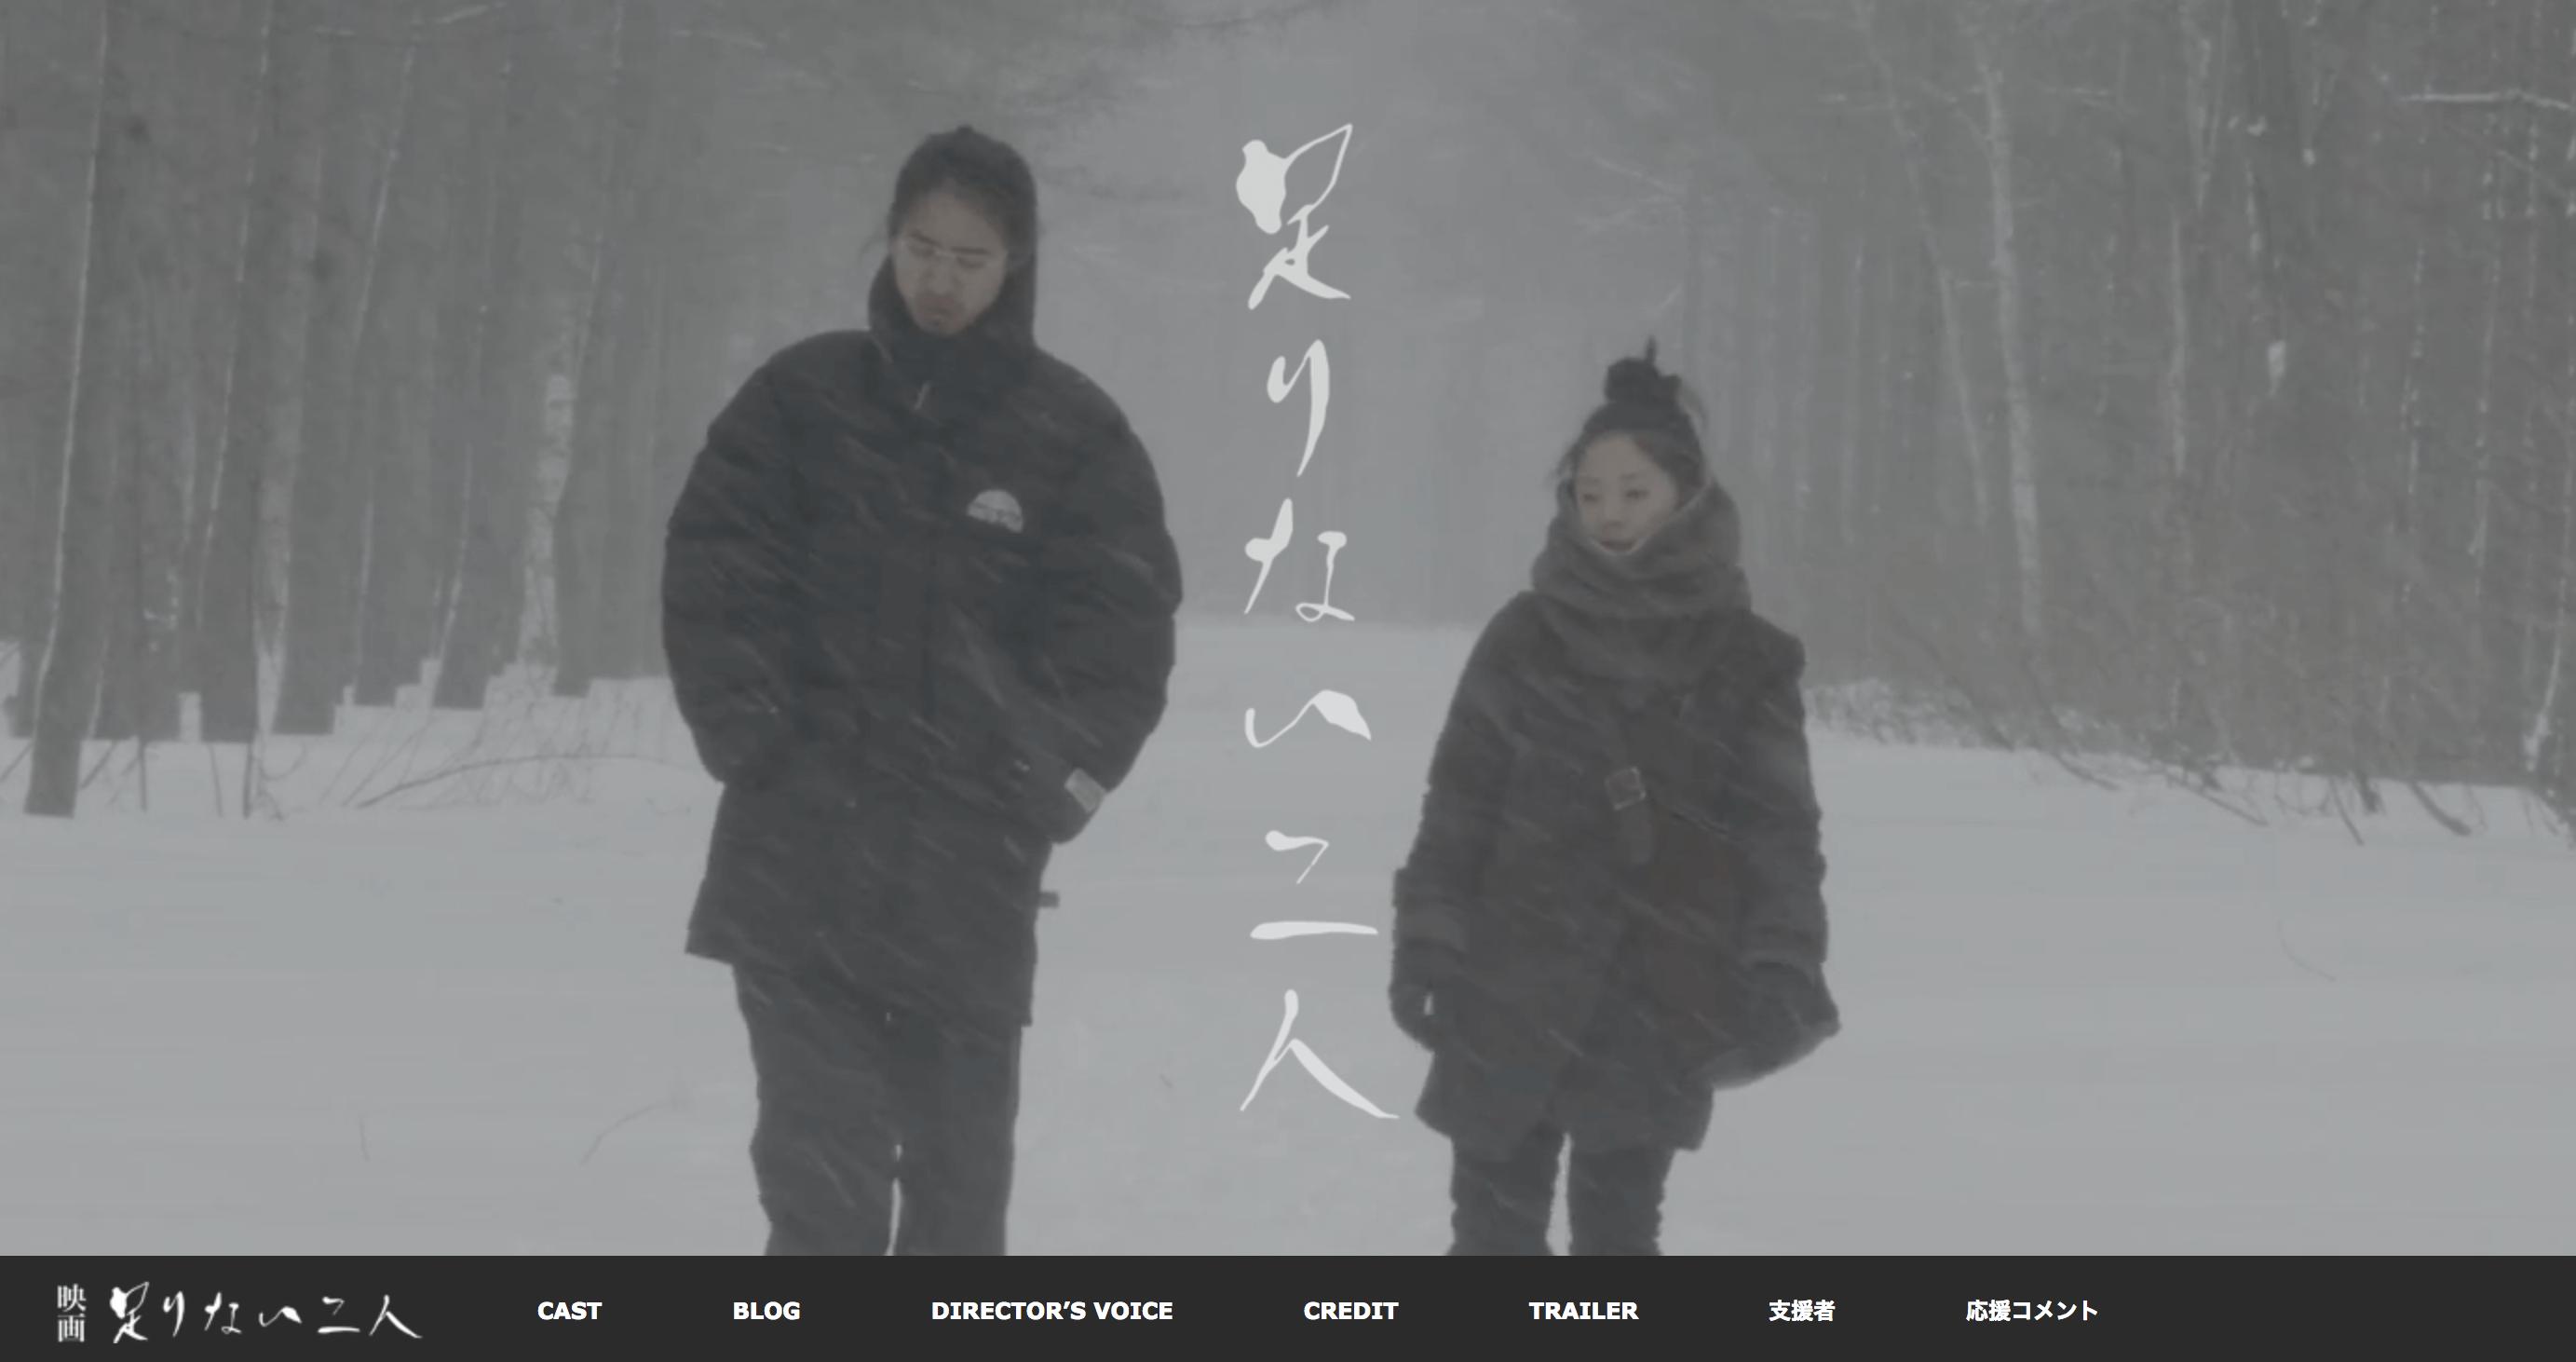 映画『足りない二人』公式サイトのトップページ